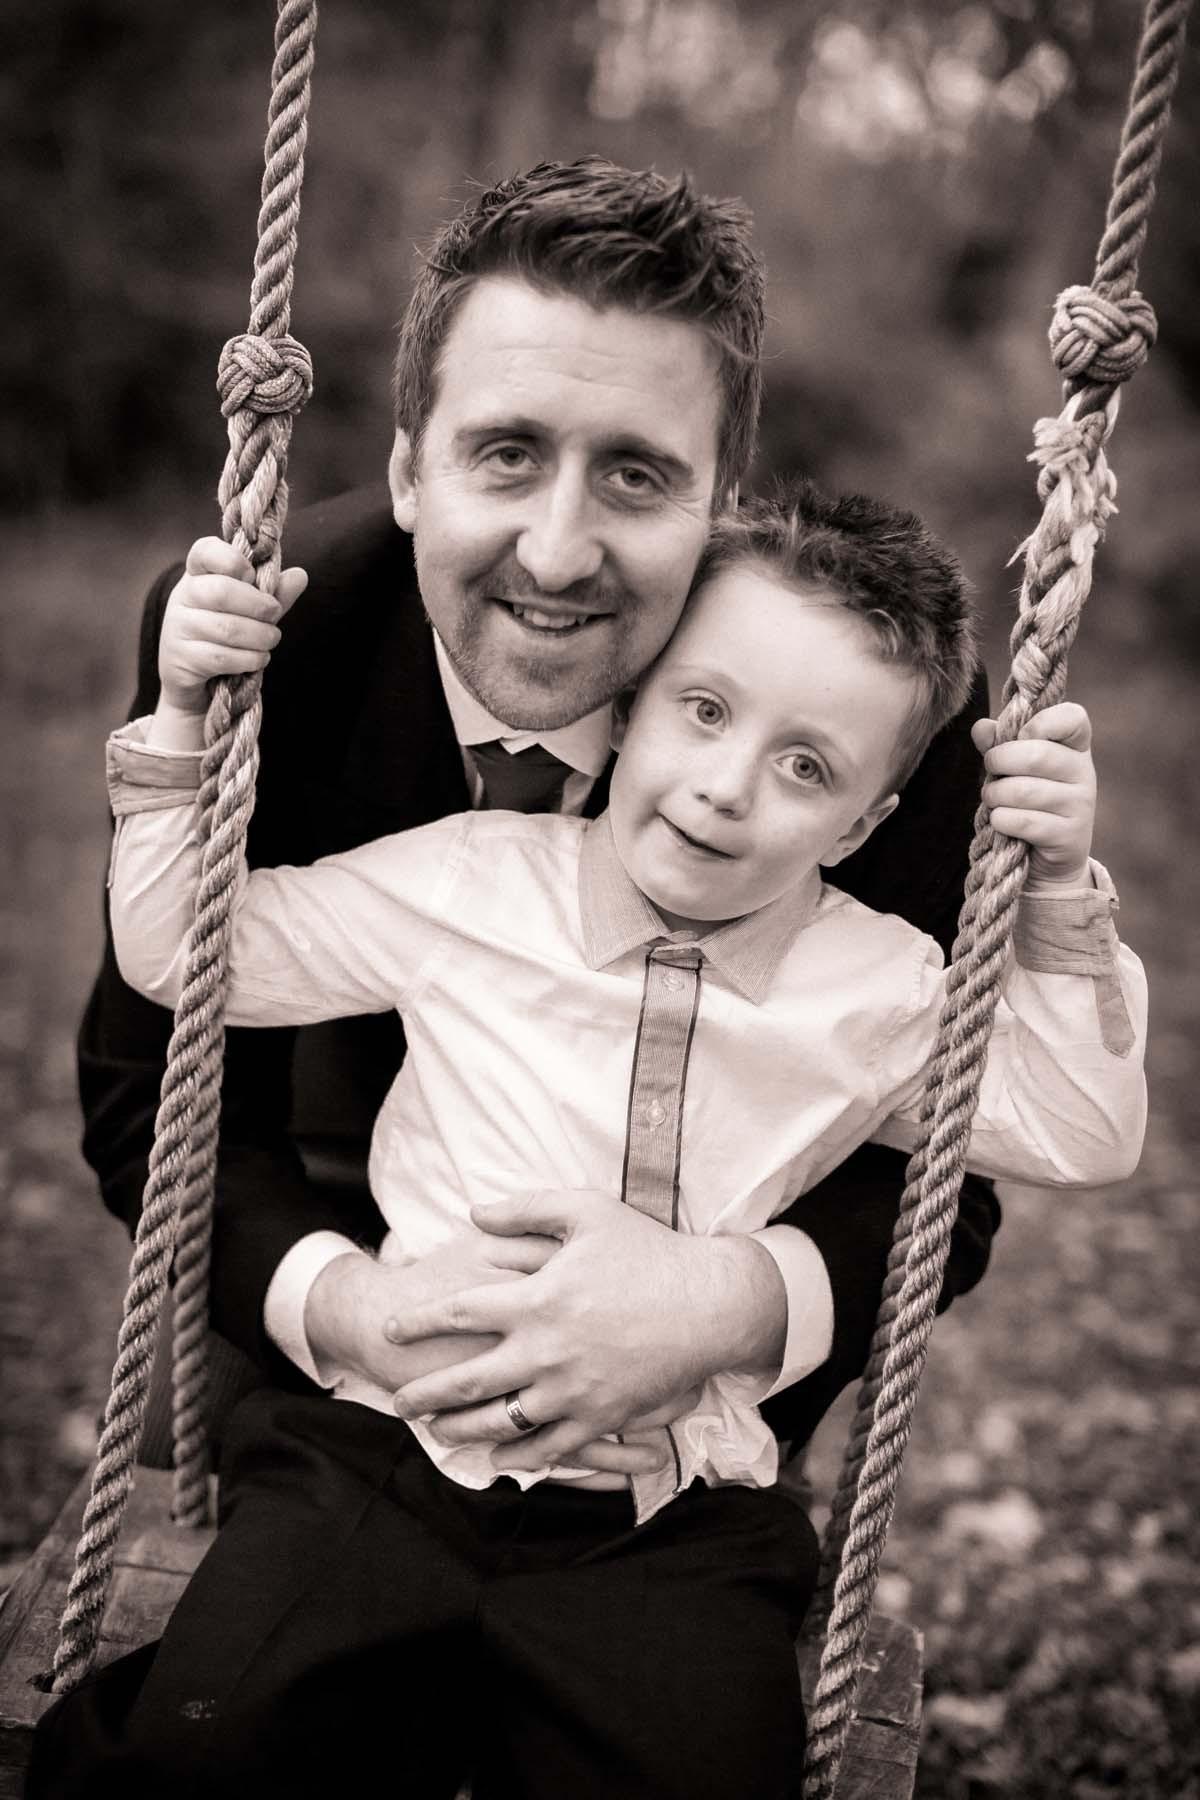 Sussex & Surrey Wedding Photographer - Children (4)